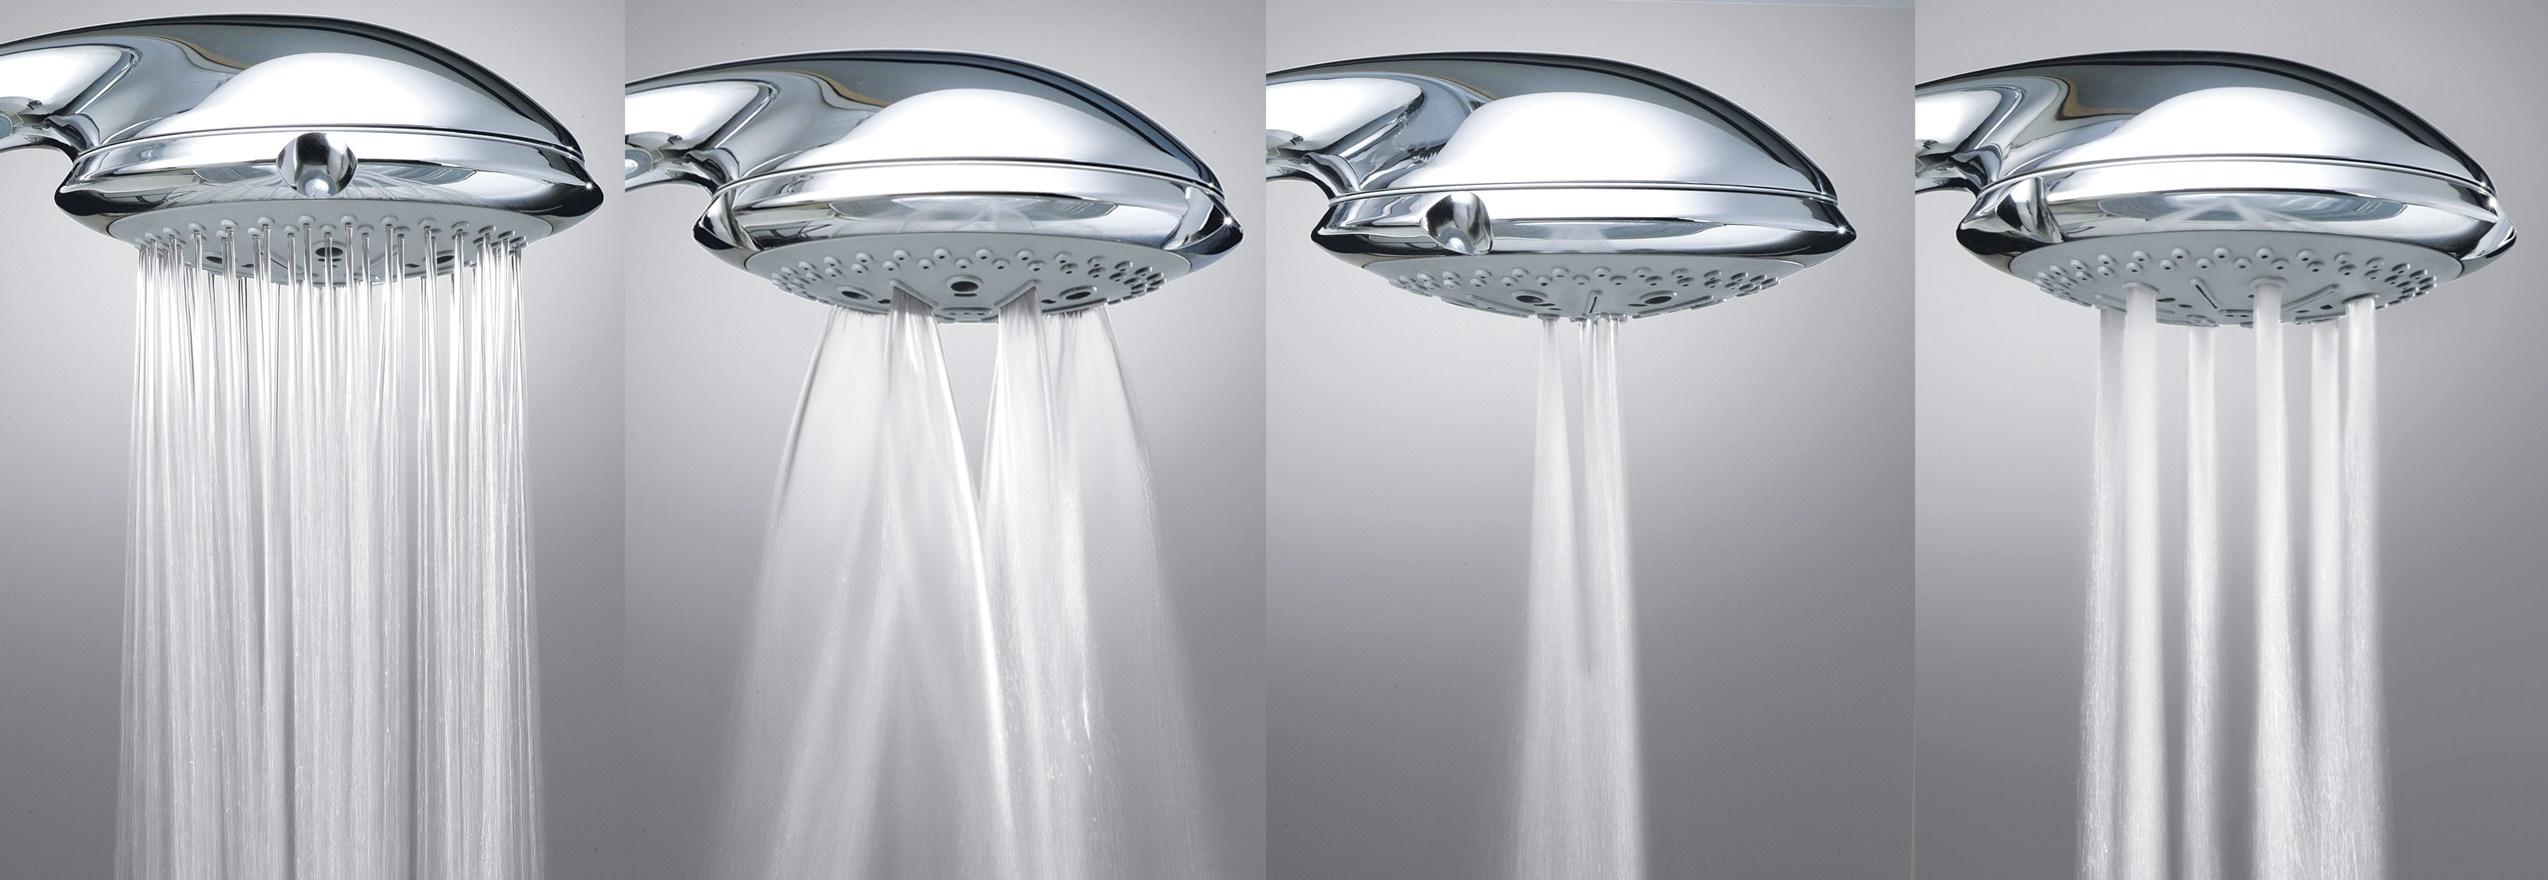 Resultado de imagem para chuveiros diferentes